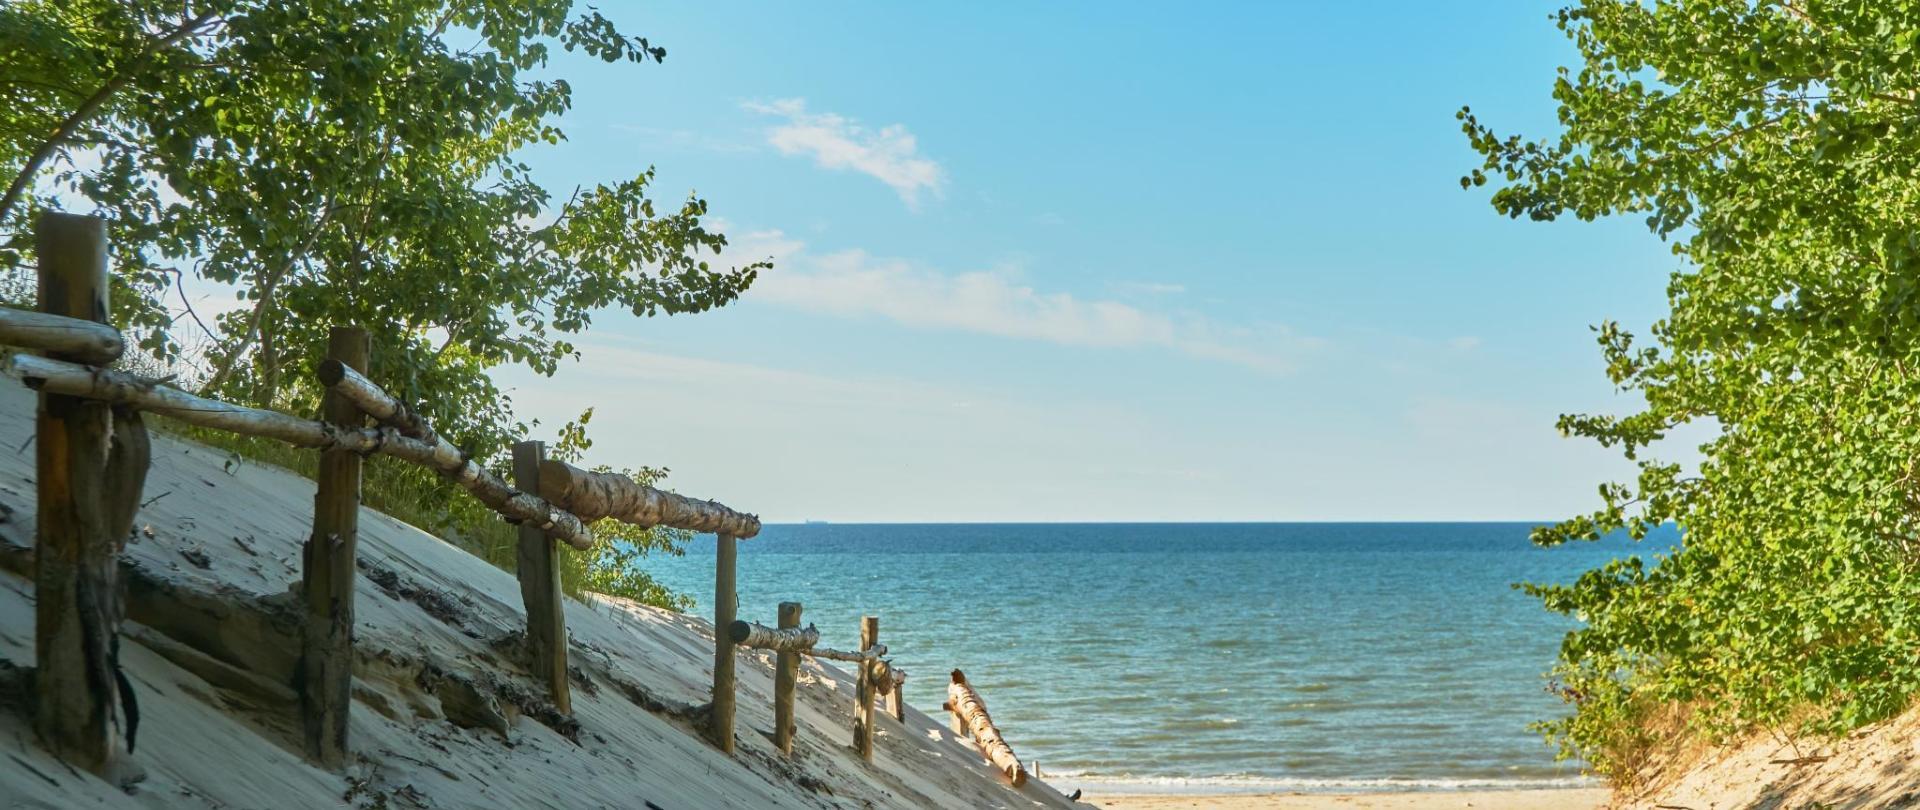 beach-3552177.jpg